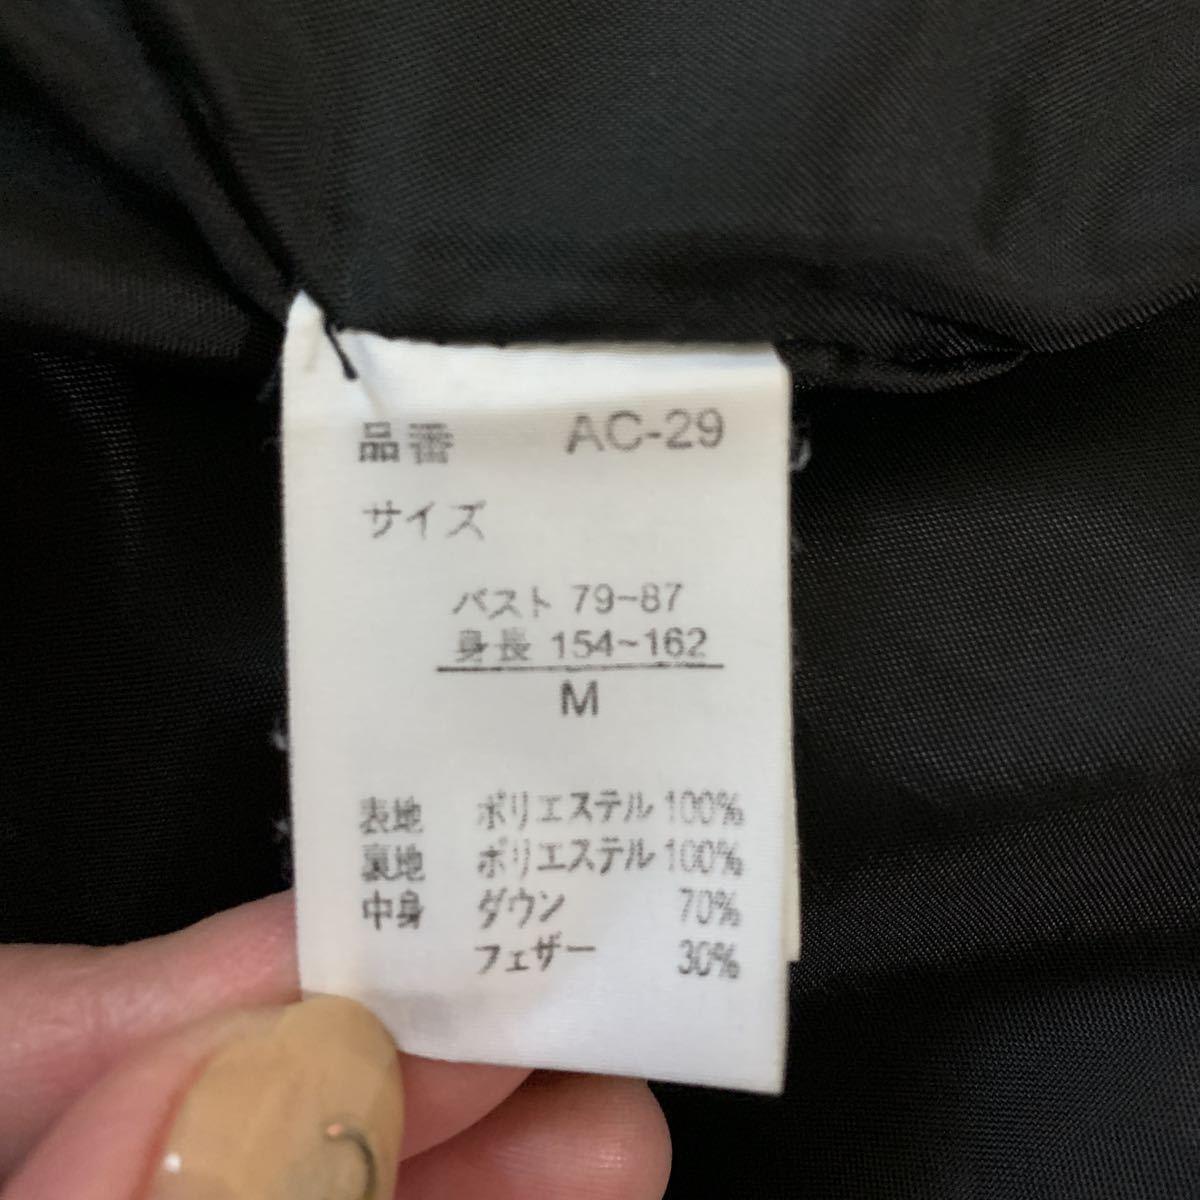 ダウンジャケット 美品 M ダウンジャンパー レディース